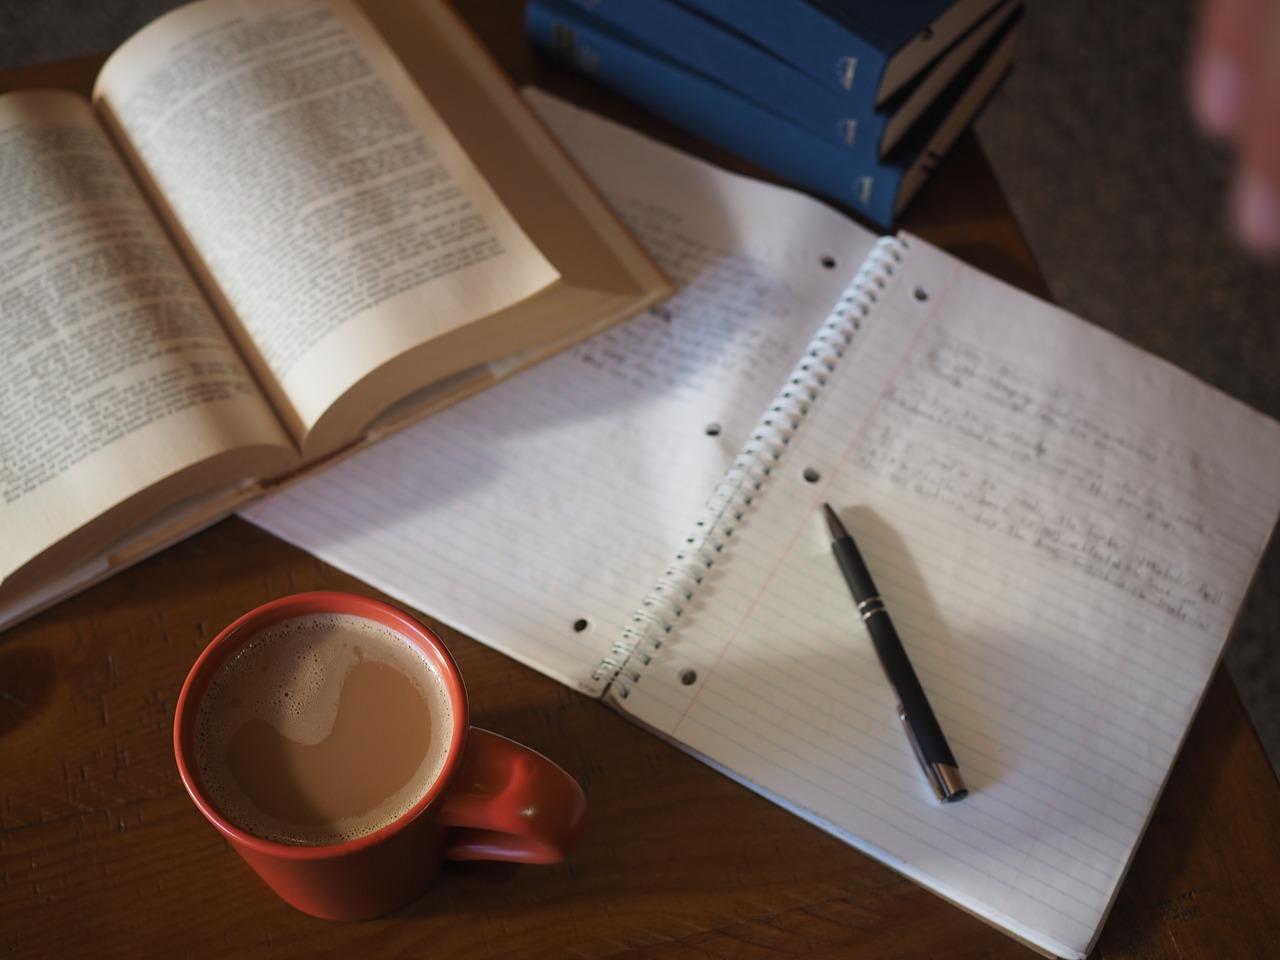 大学の試験勉強のやる気が出ない!やる気UPのため実践すべき対処法